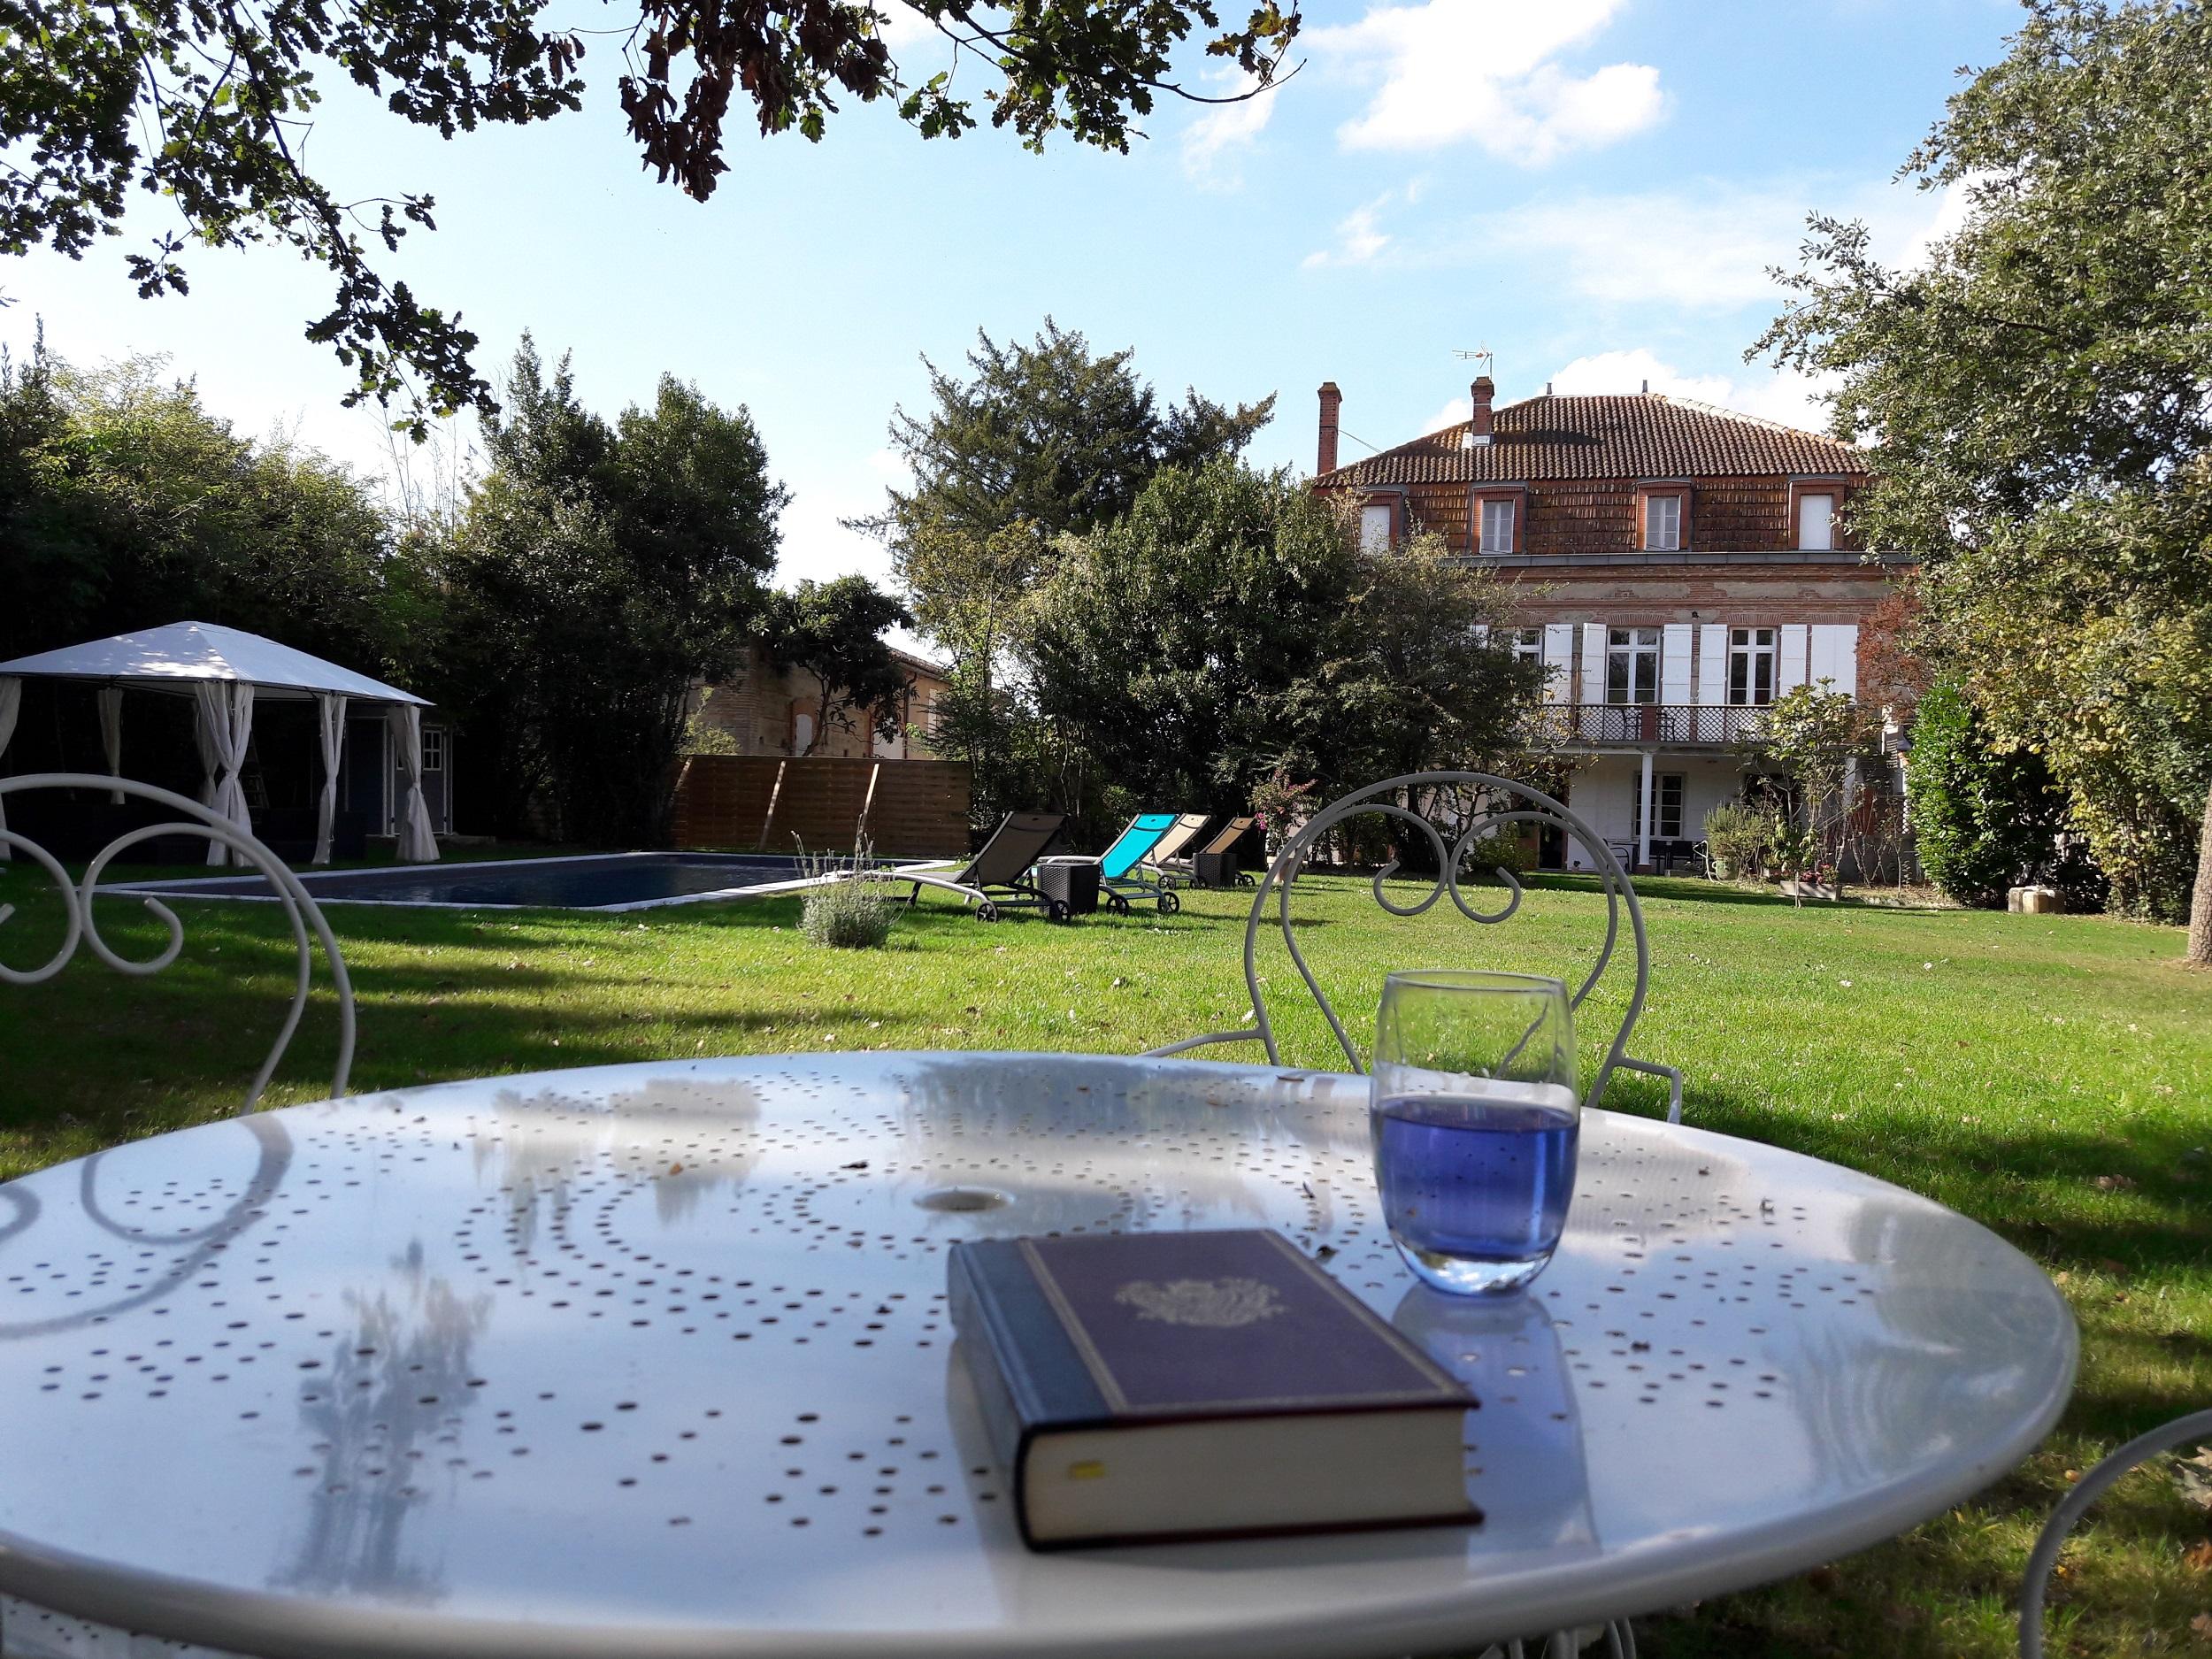 Parc avec salon de jardin sous l'ombre des arbres pour boire un verre ou lire